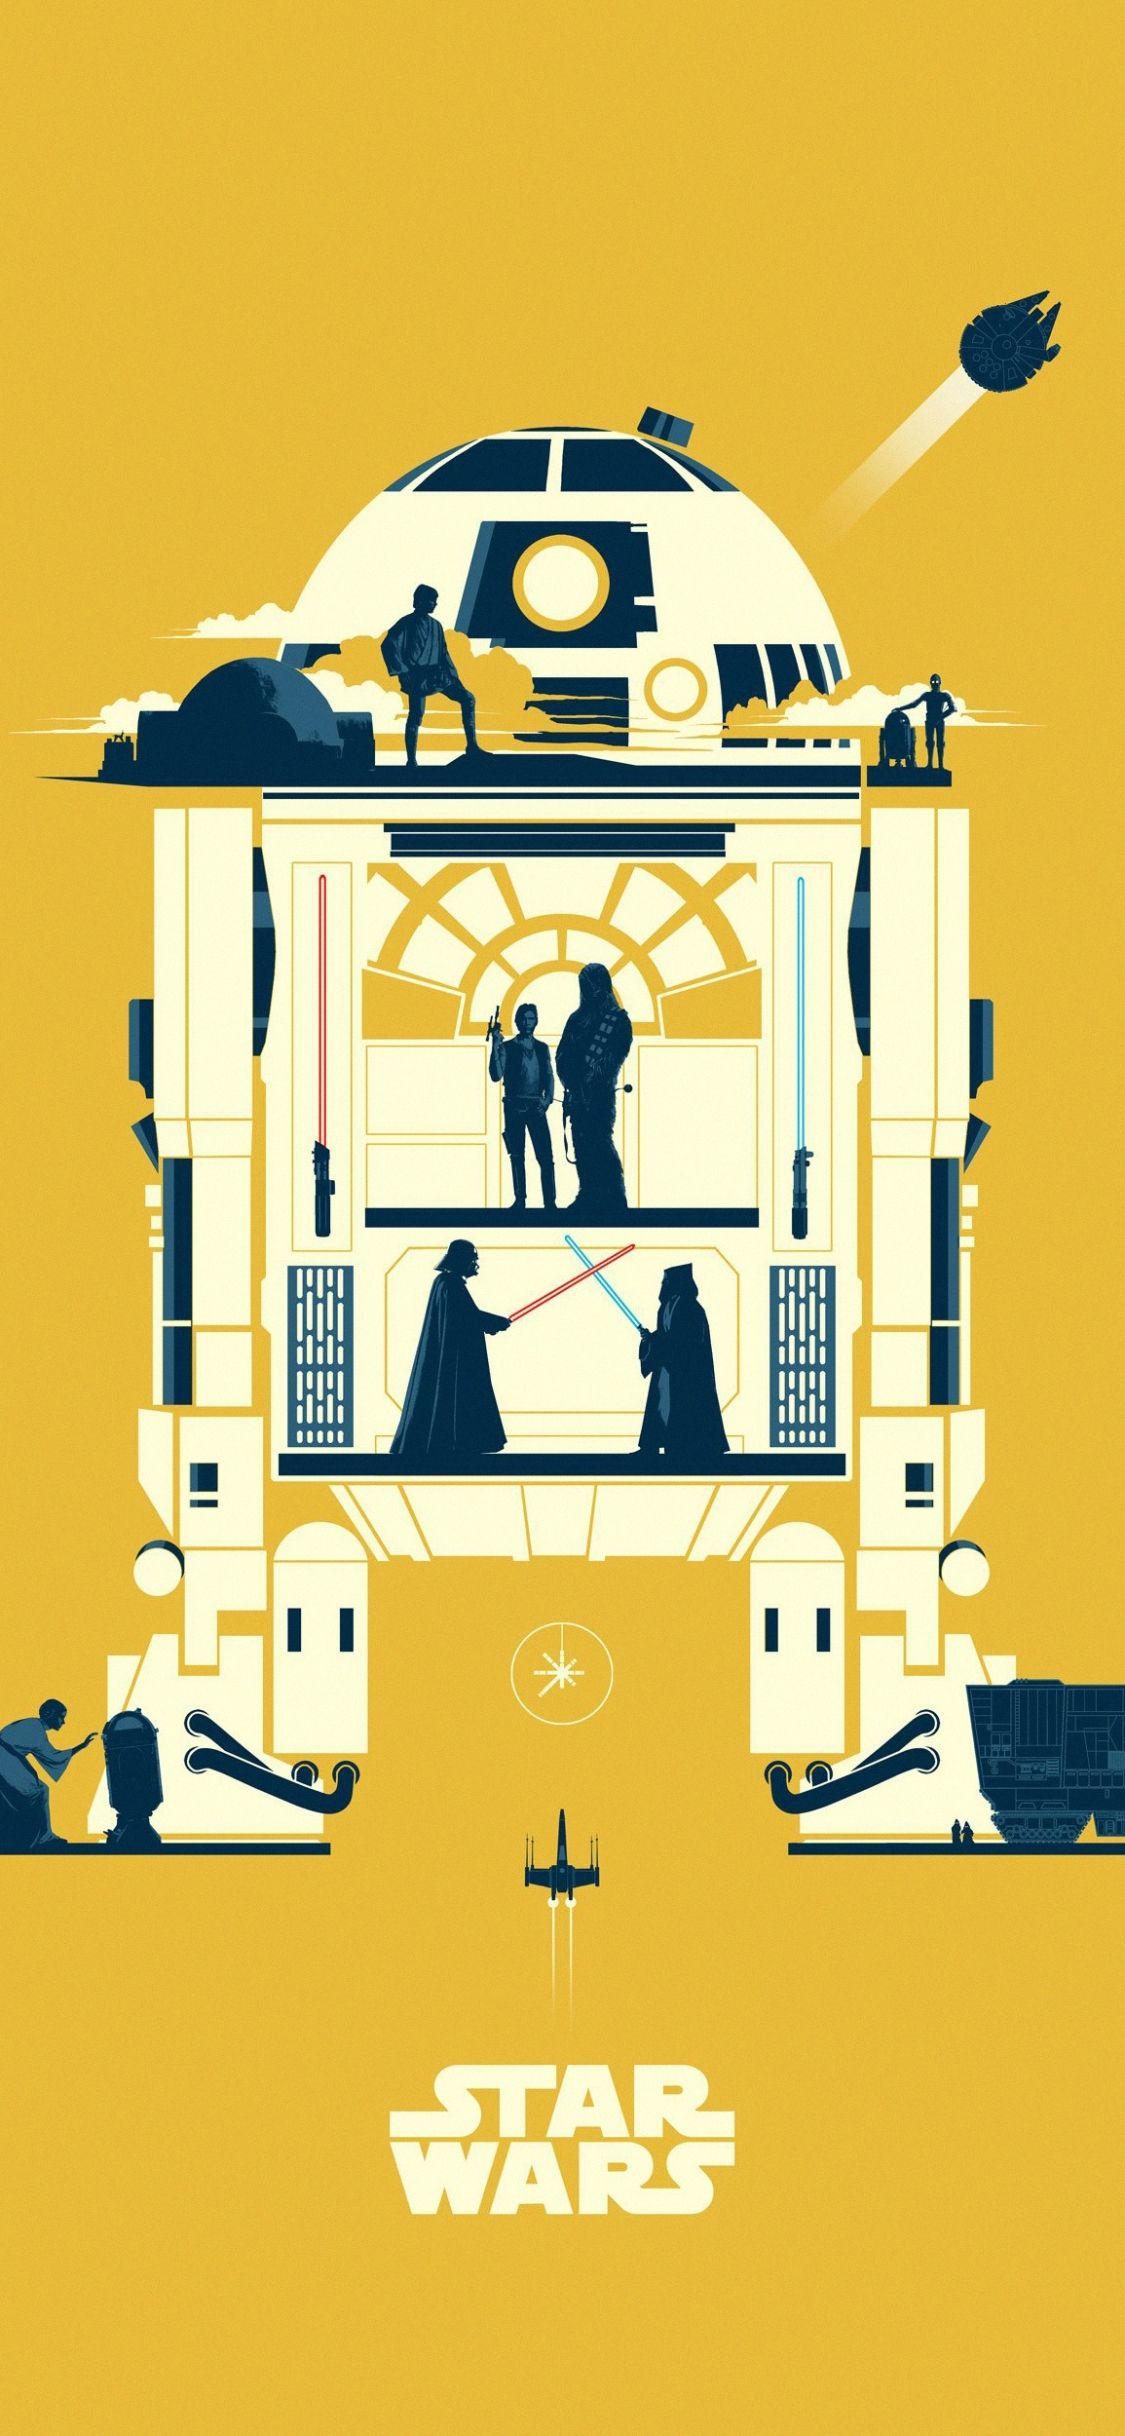 Minimalist Star Wars Mobile Wallpaper Star Wars Wallpaper Iphone Star Wars Wallpaper Iphone Wallpaper Stars